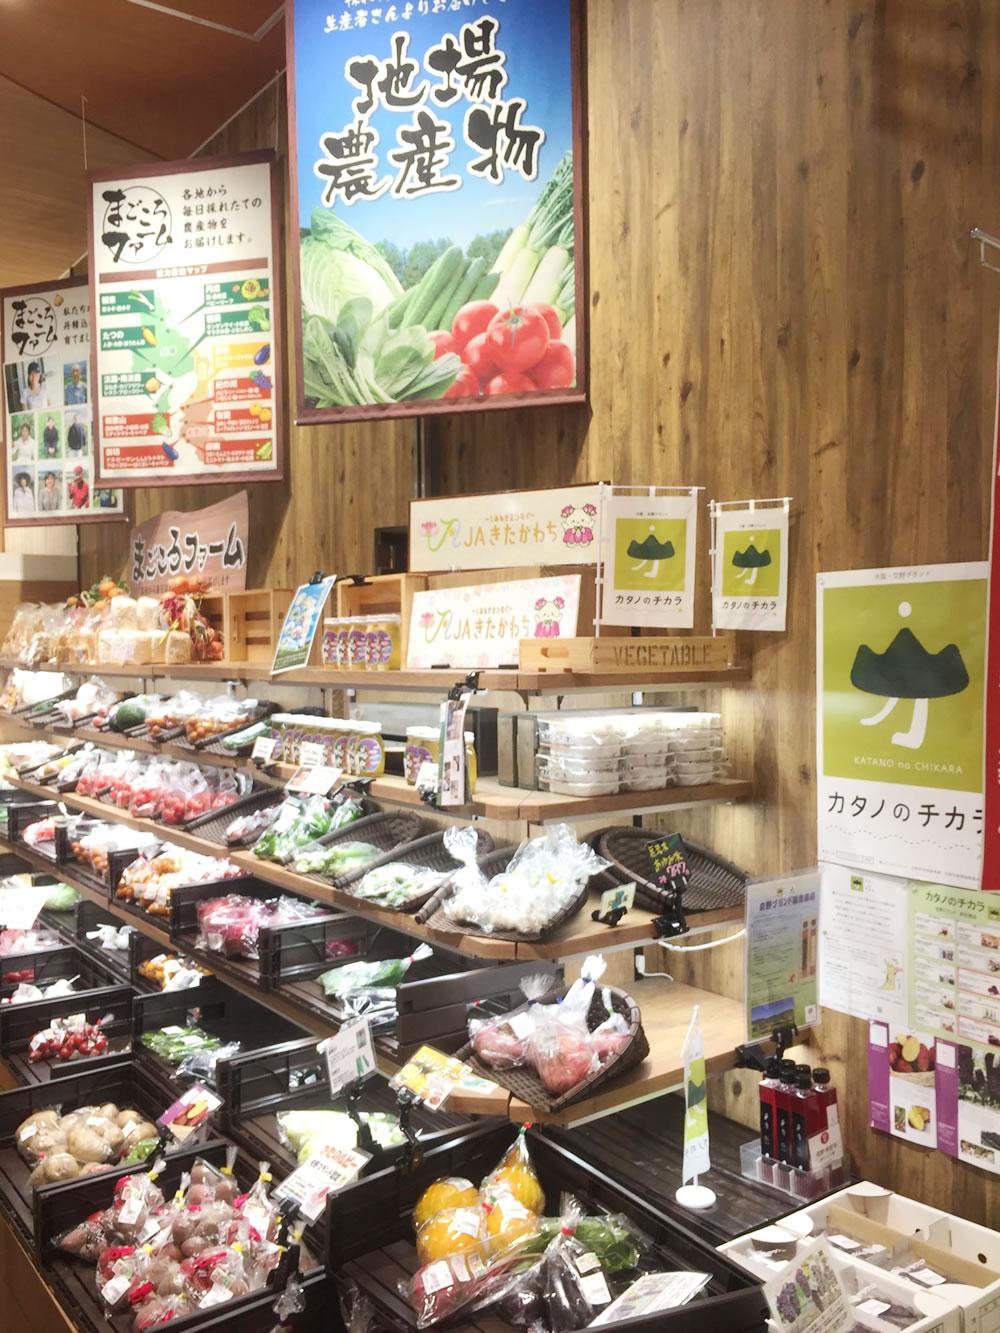 地場農産物交野ブランドコーナー角に神宮寺ぶどうコーナーがあります!